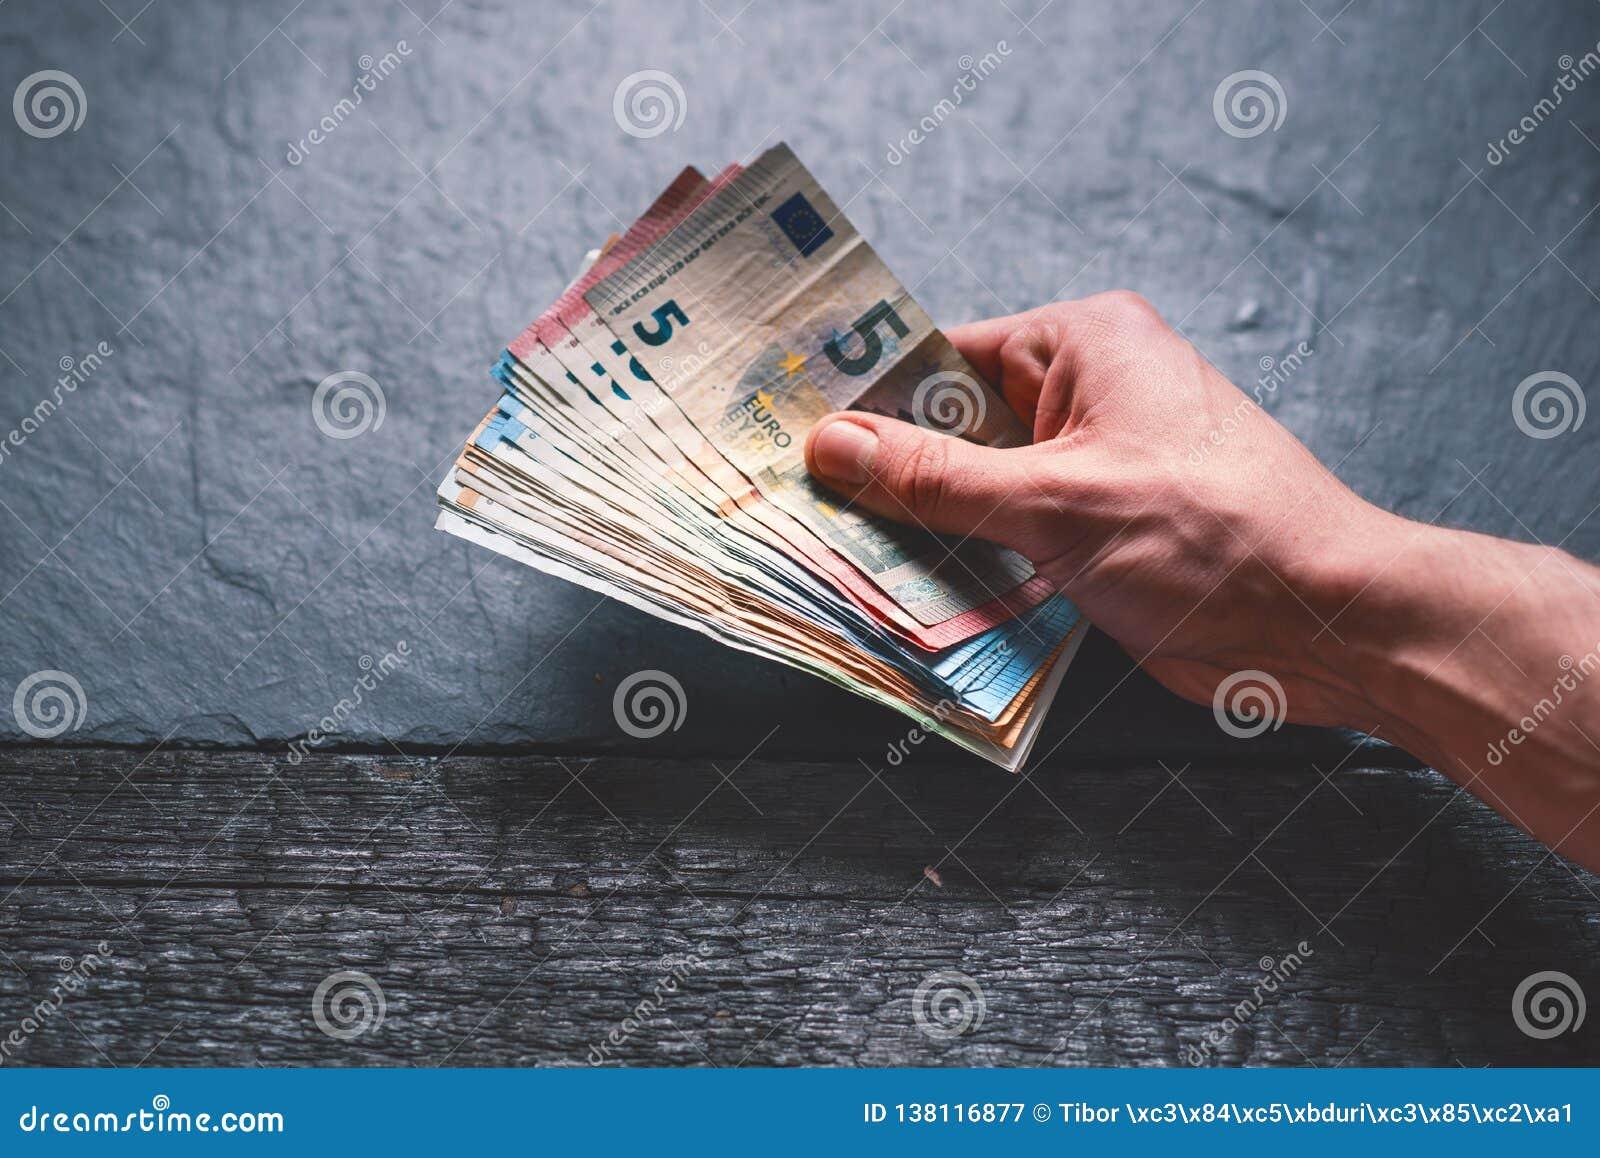 Handtrzyma pieniądze młody człowiek Banknoty na kamiennym tle Euro pieniędzy banknoty różna wartość